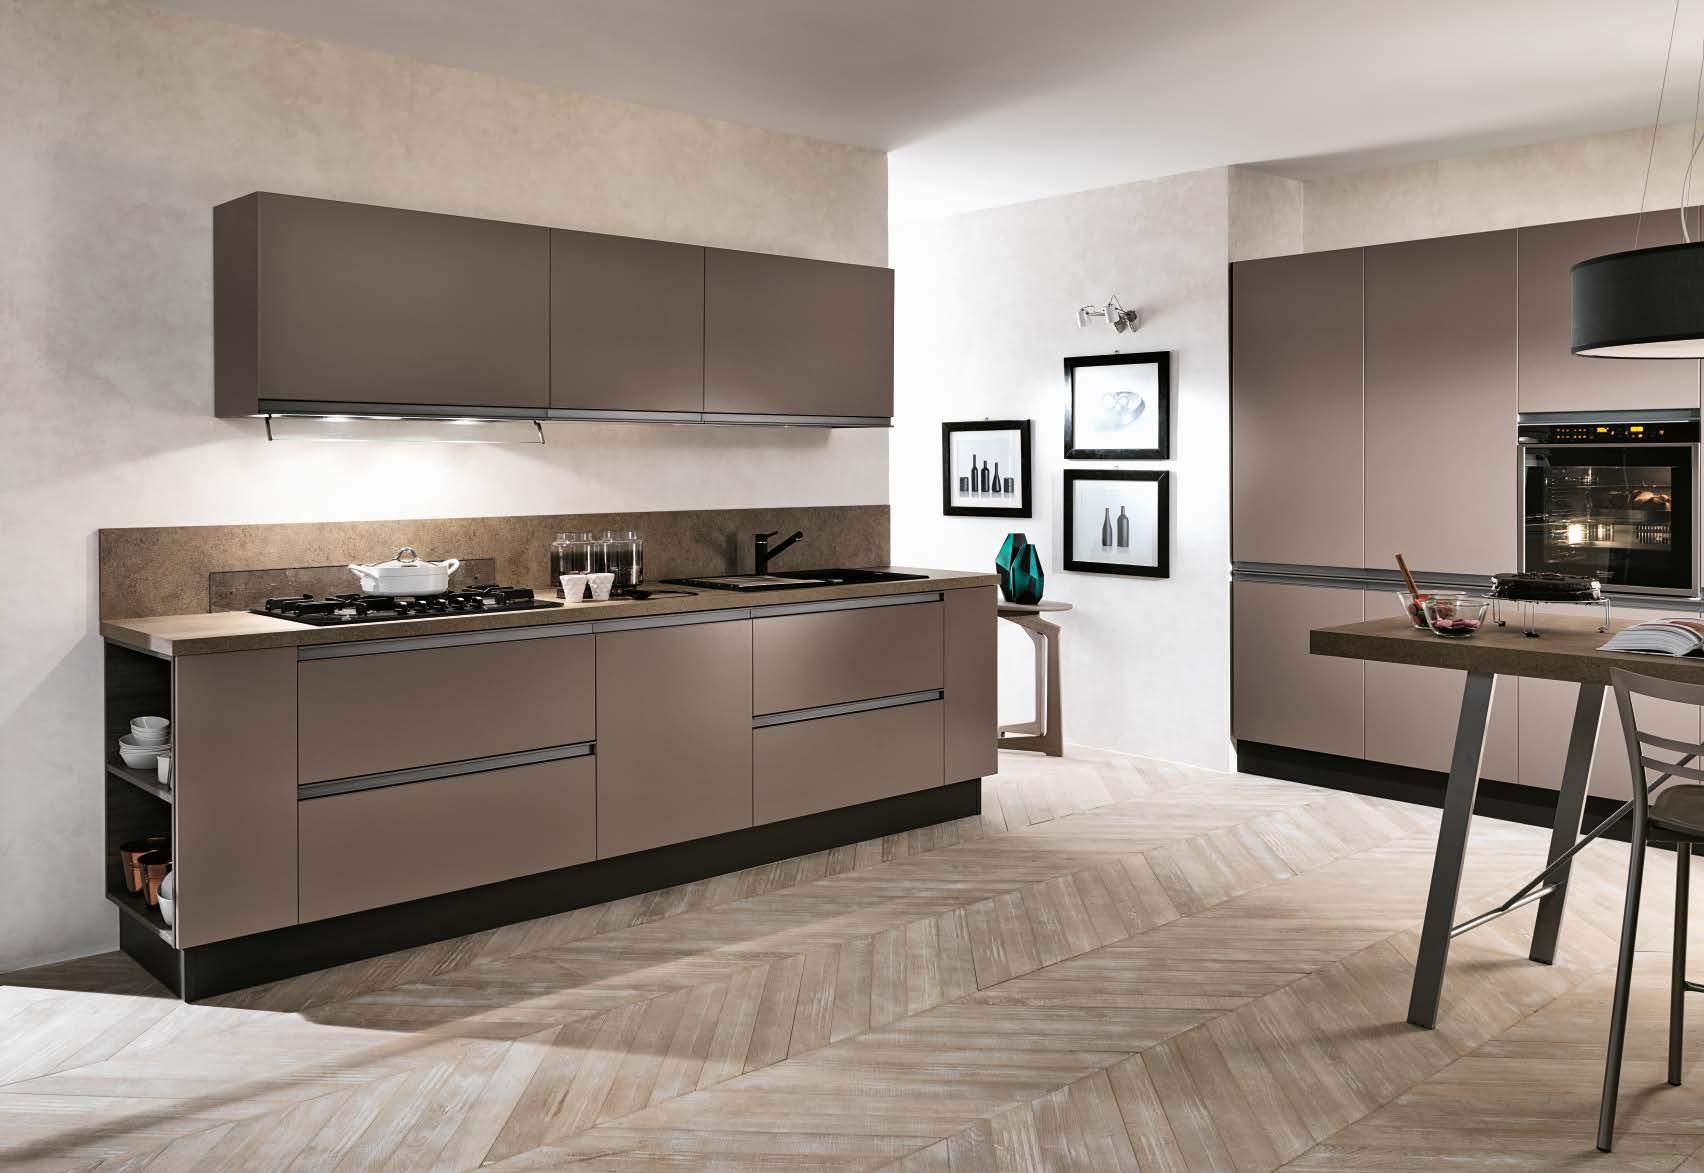 Linea κουζινα με ενσωματωμενη μεταλική λαβή σε γκρι-καφε ματ λάκα